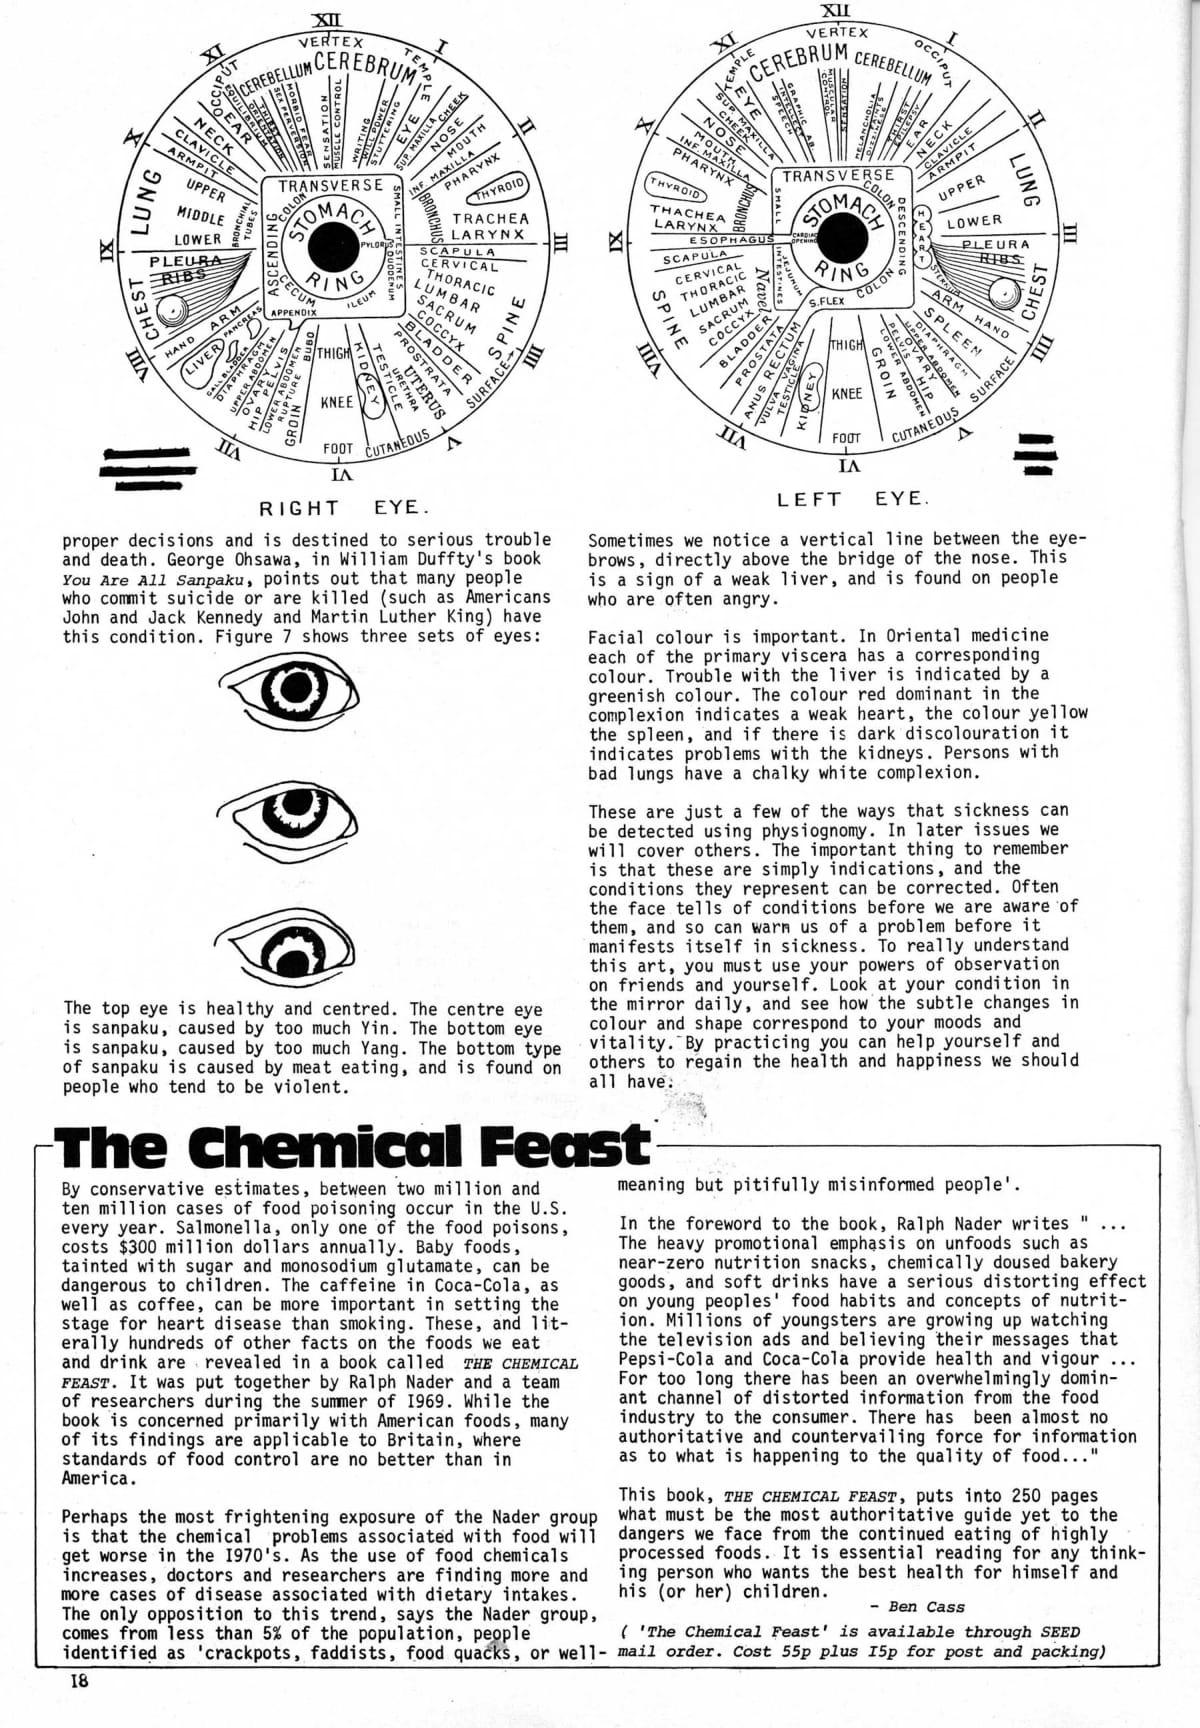 seed-v2-n9-sept1973-18.jpg